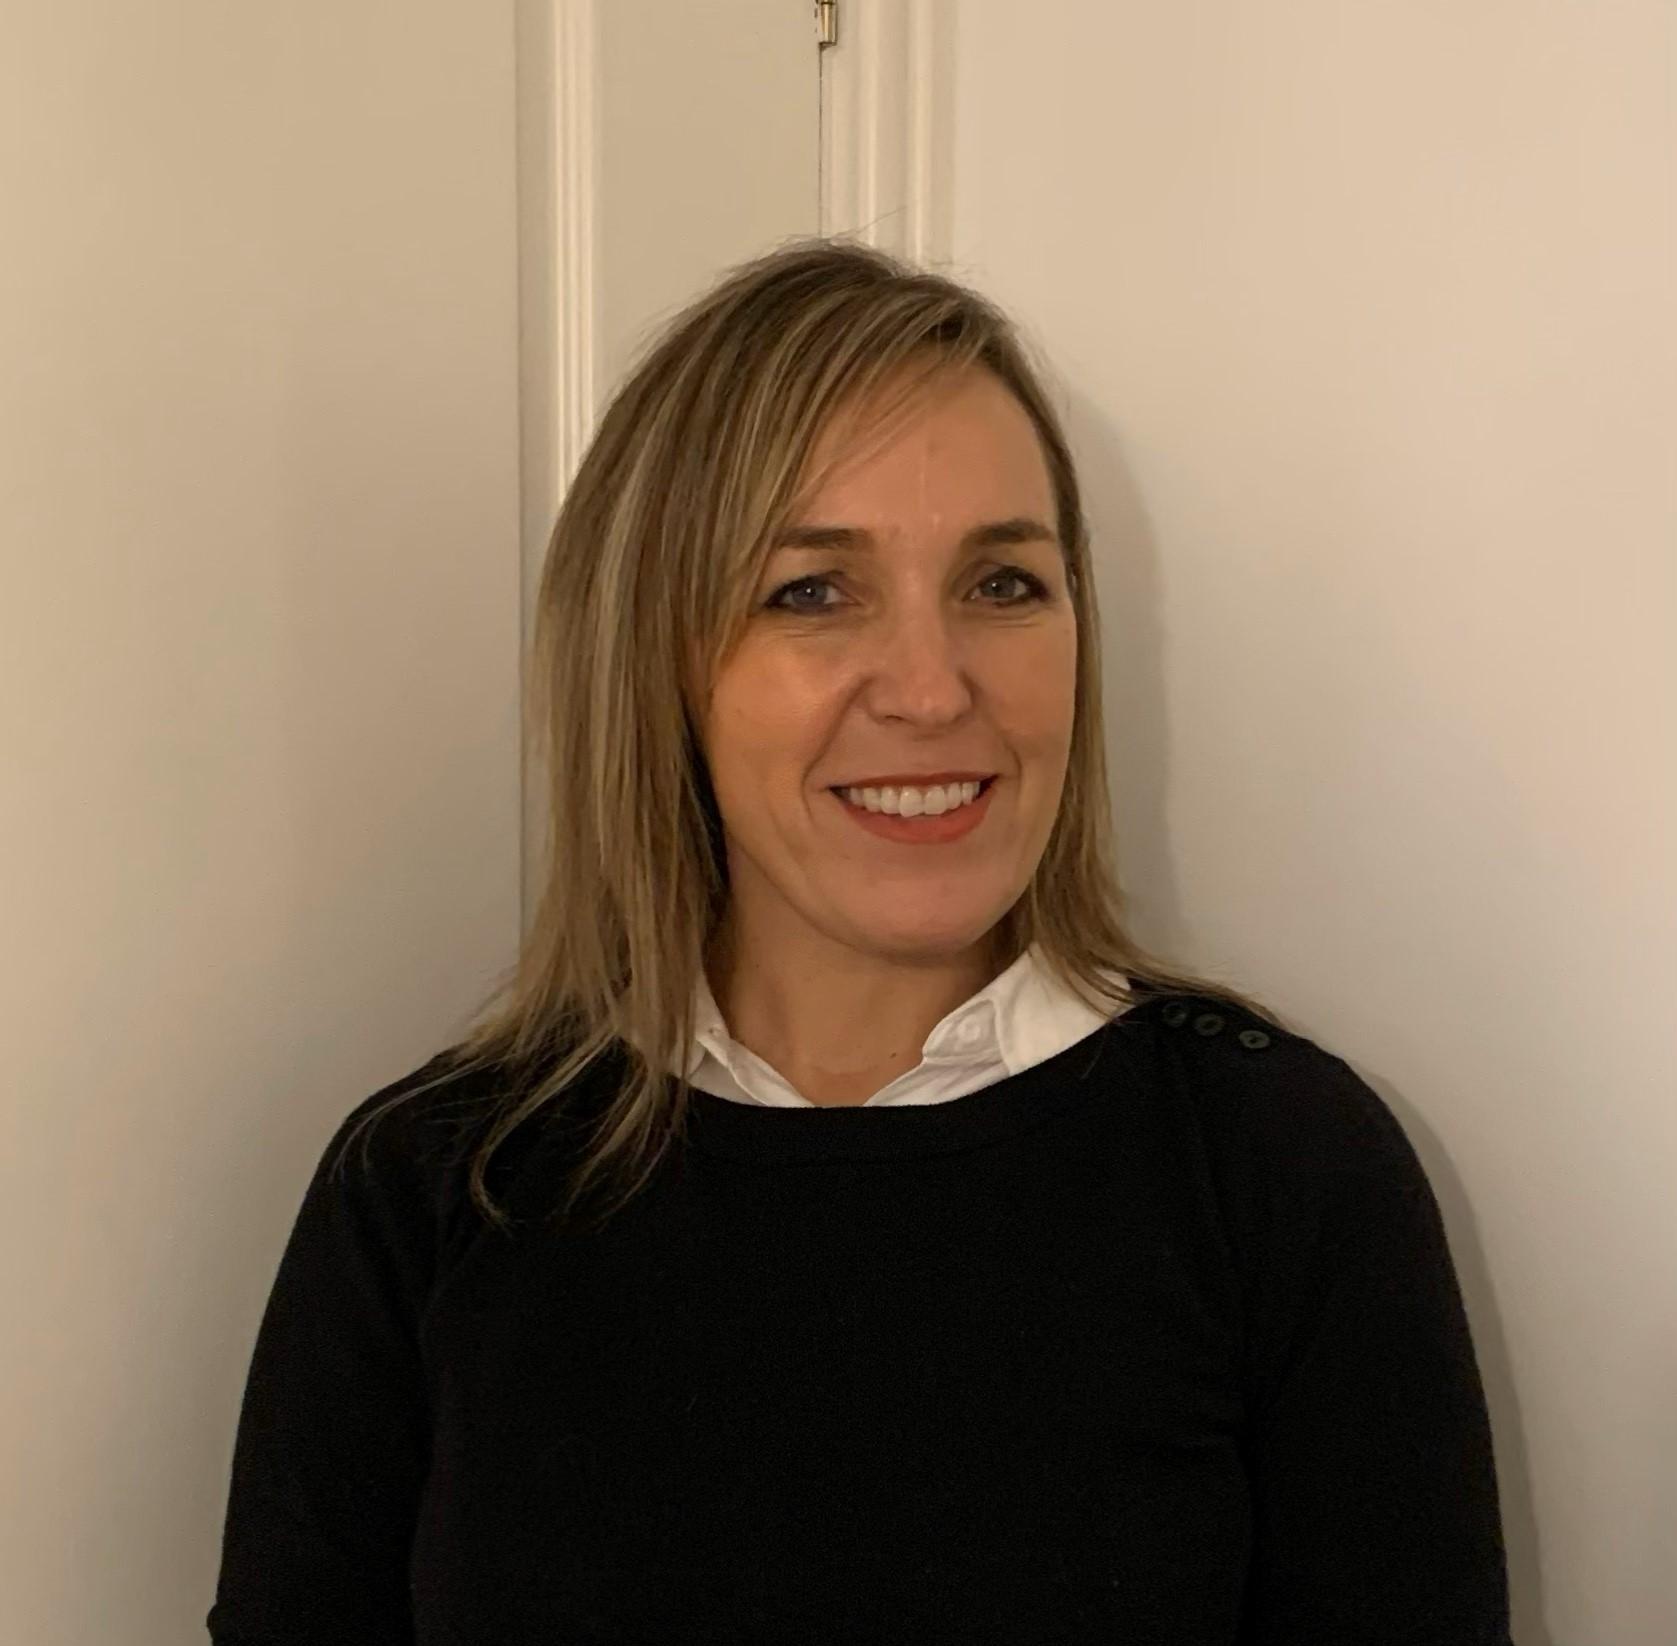 Angela Clutterbuck